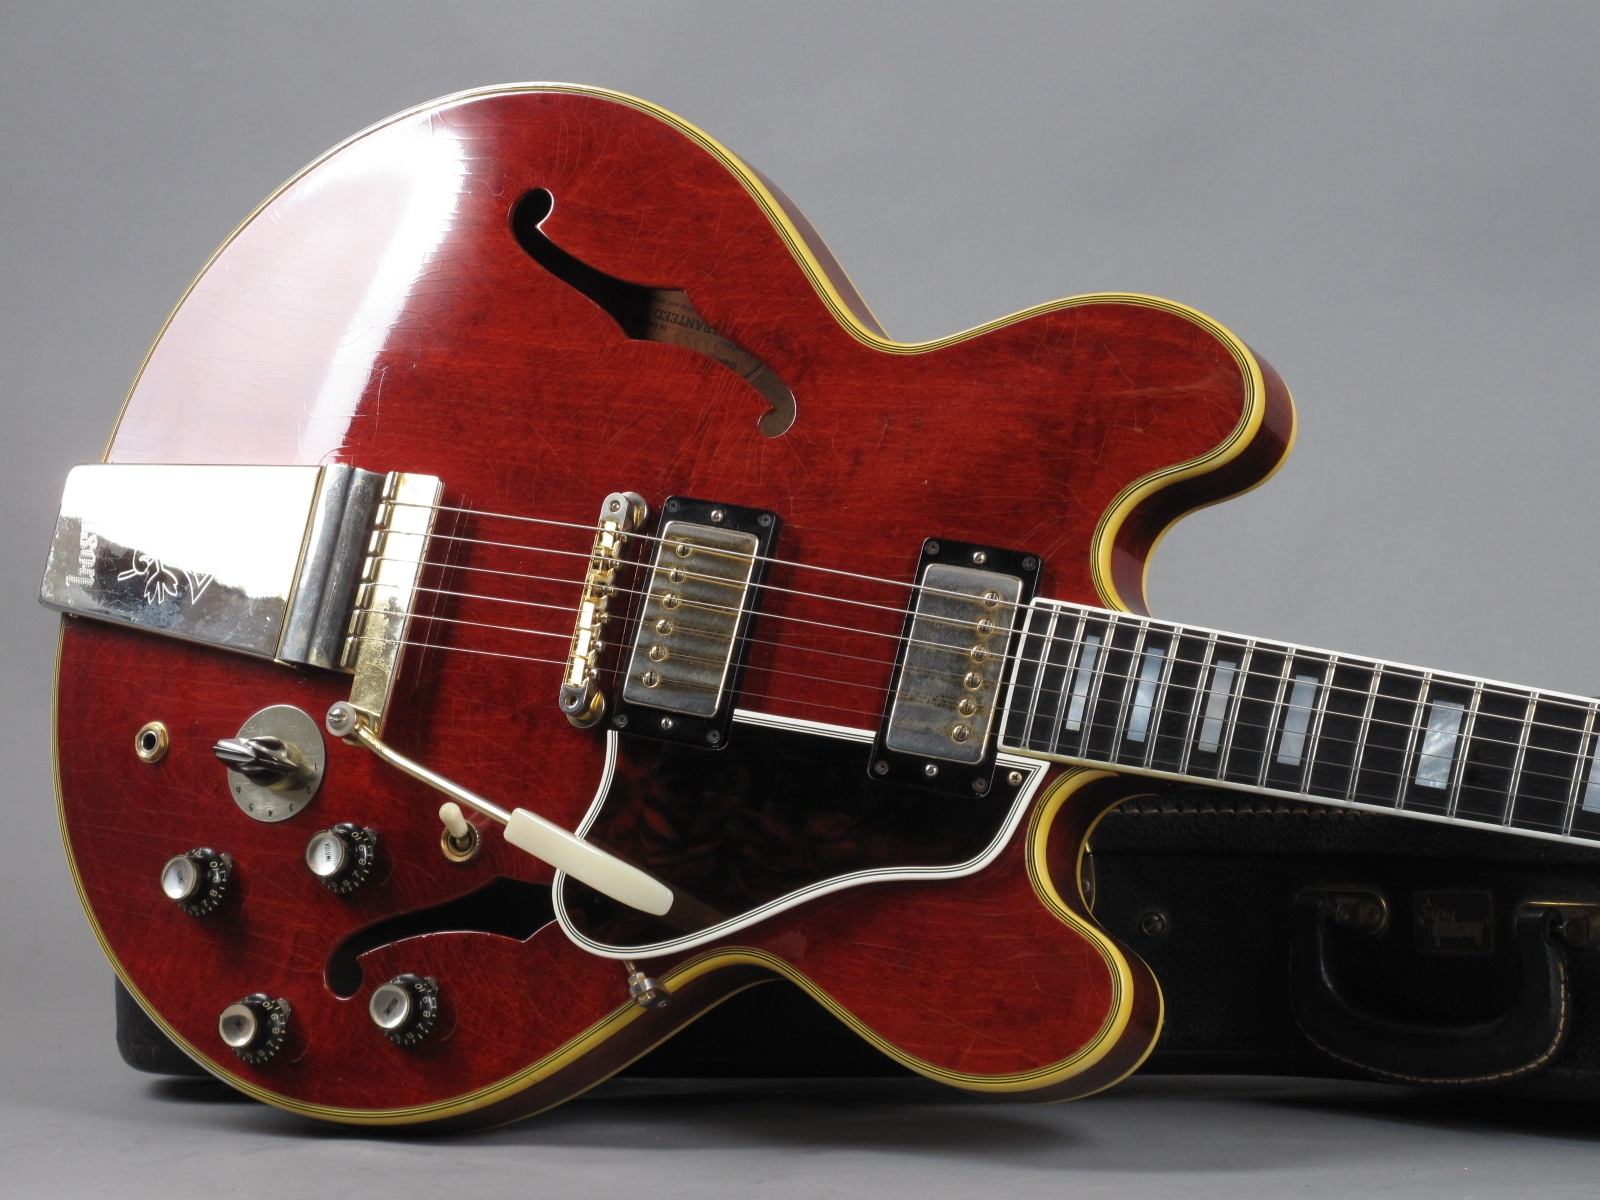 https://guitarpoint.de/app/uploads/products/1963-gibson-es-355-tdsv-cherry/1963-Gibson-ES-355-TDSV-Cherry-51355_19.jpg